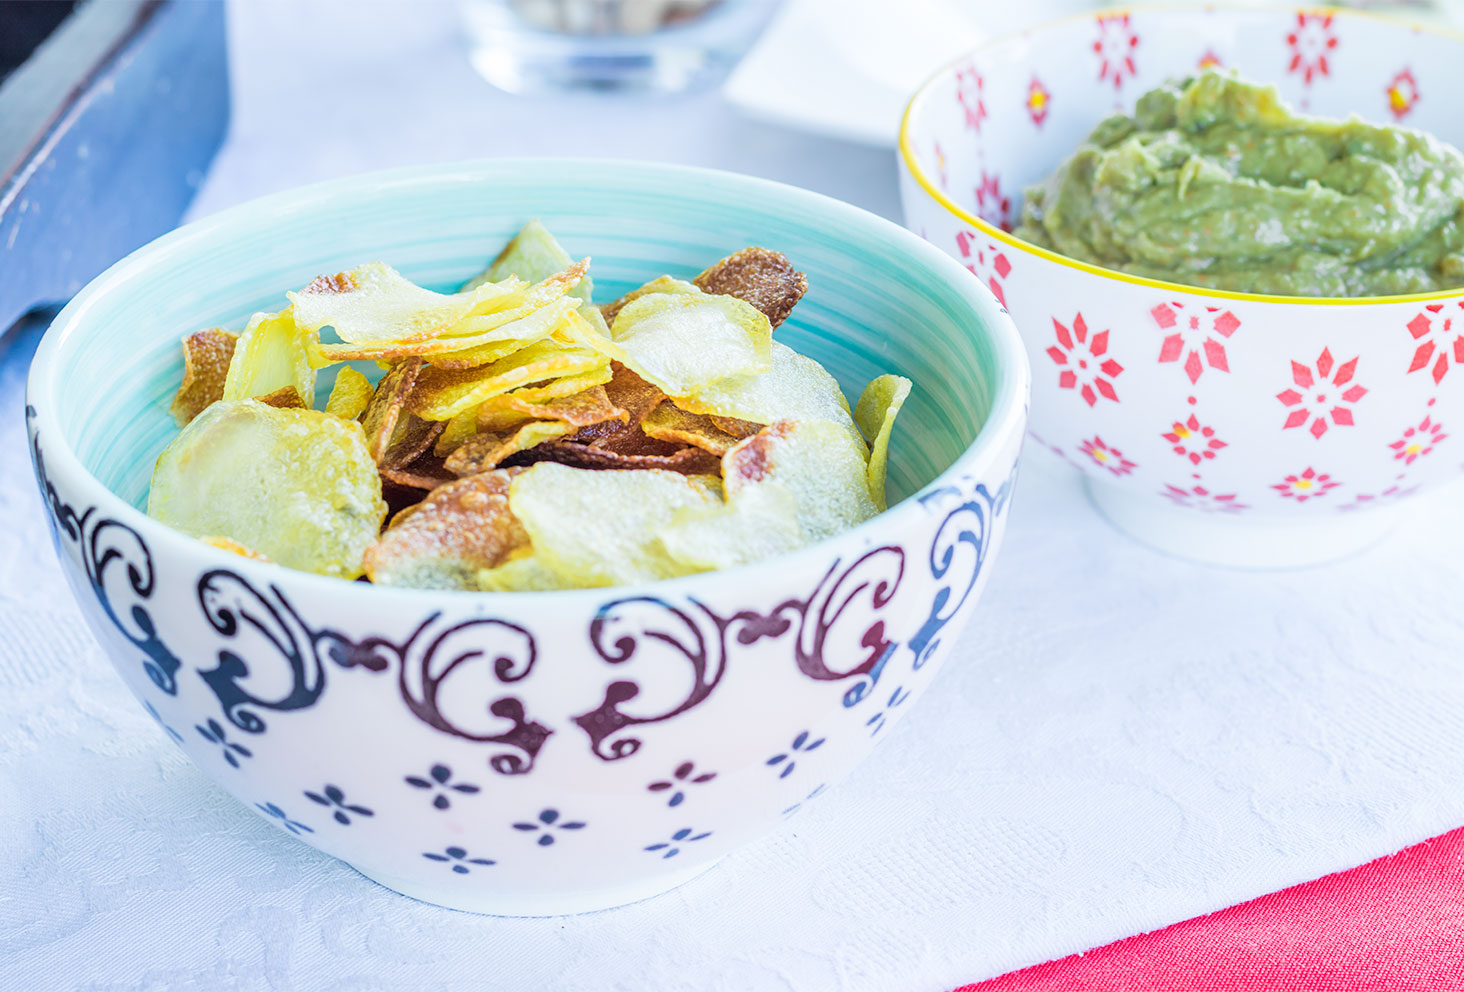 Les petits boudins blog mode beaut et bonne humeur - Chips fait maison au four ...